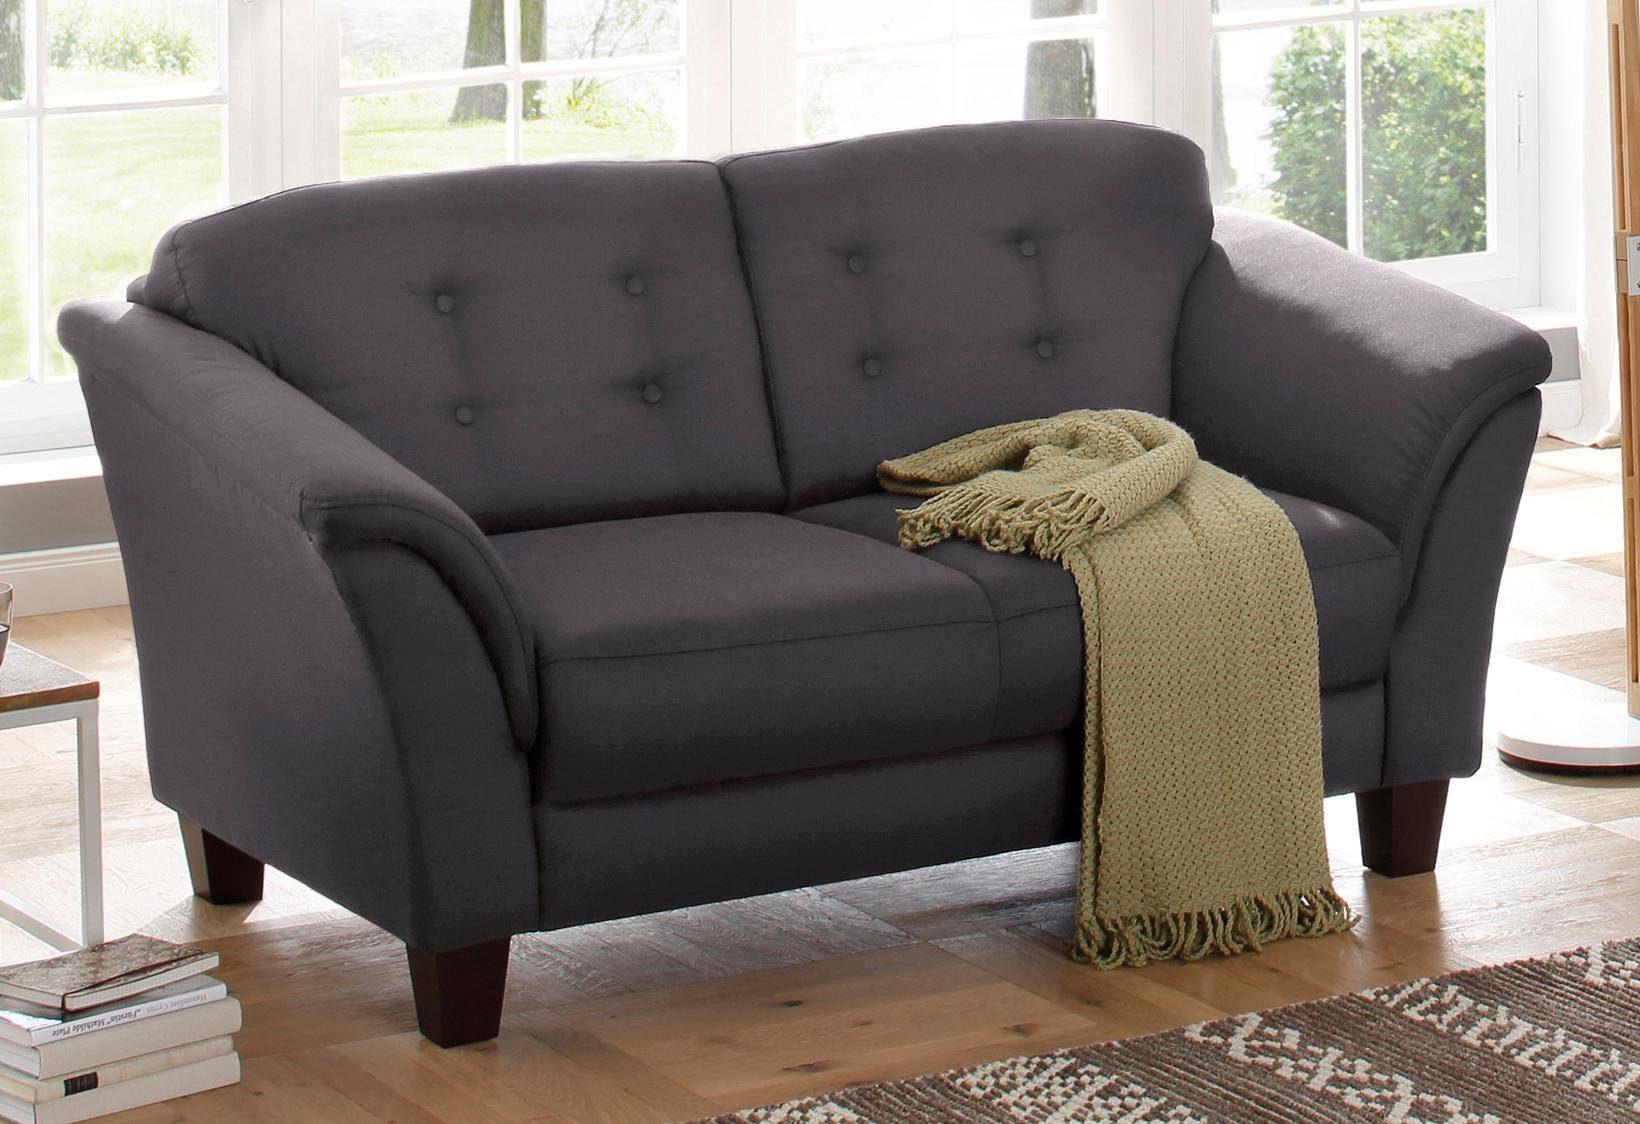 Home affaire 2-Sitzer »Lillesand«, mit Federkern, Knopfheftung im Rücken, Füße Buche